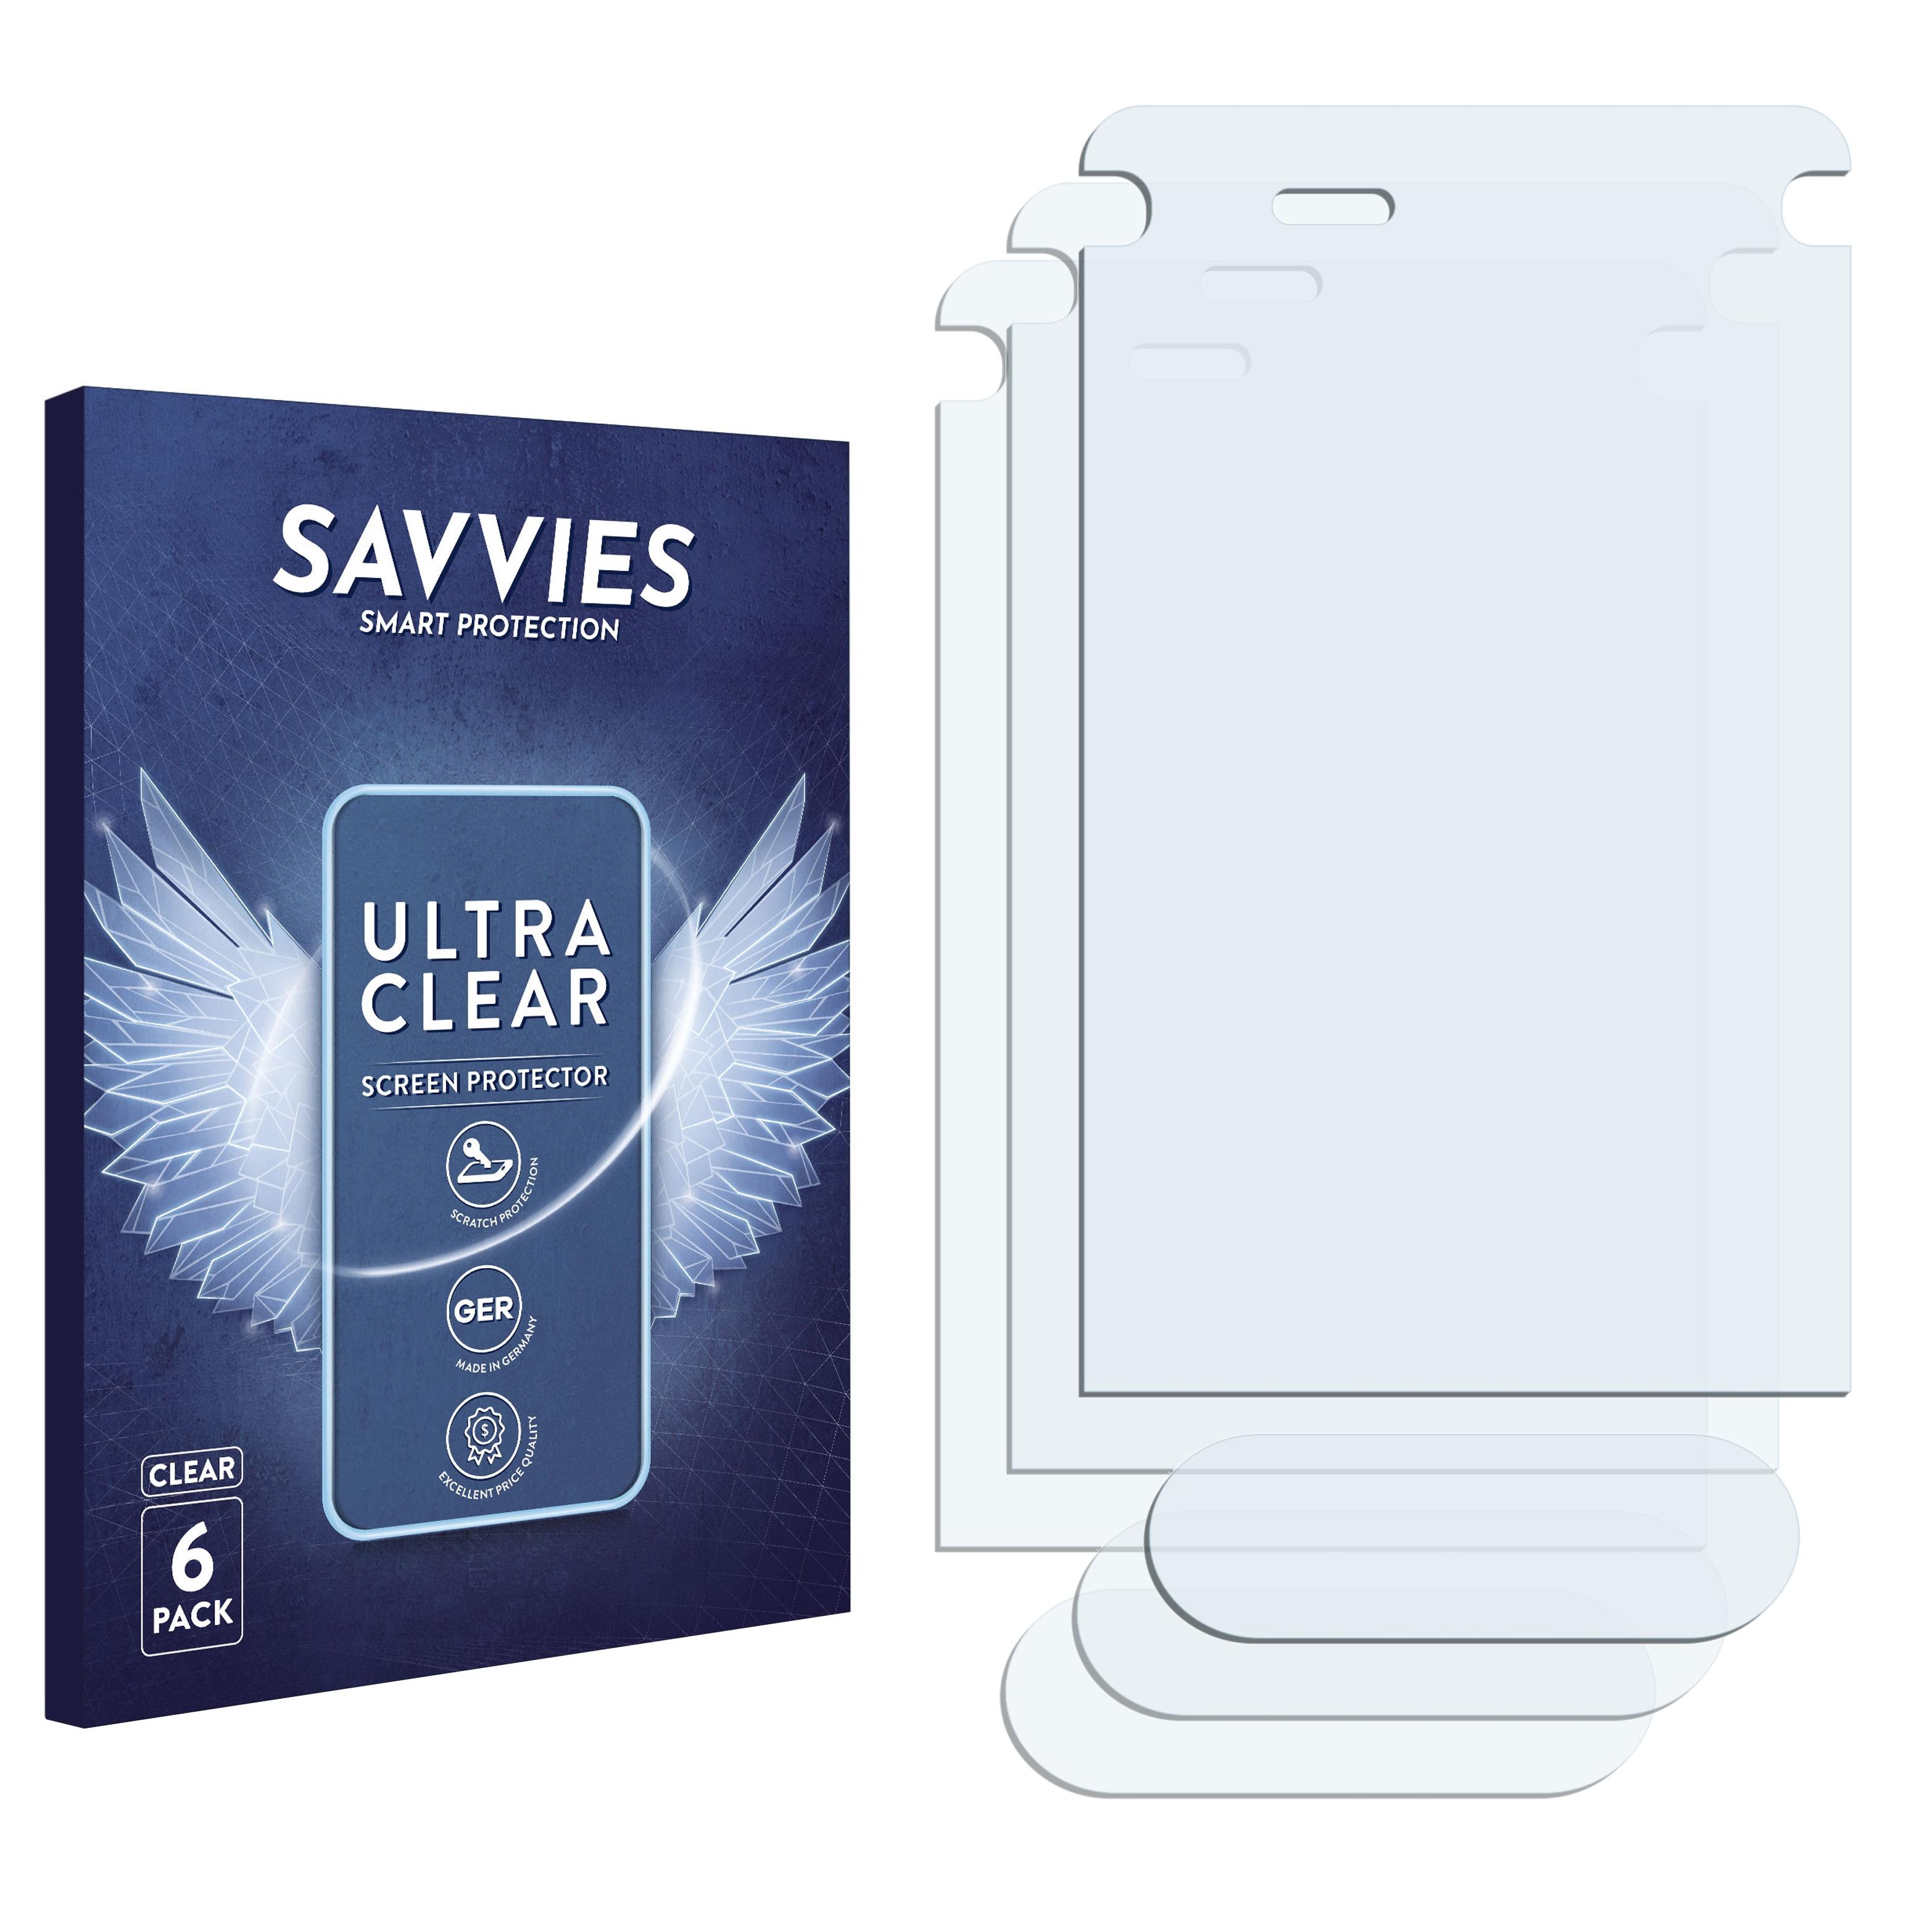 Ochranná fólie Savvies na Sony Ericsson Z770i, 6ks